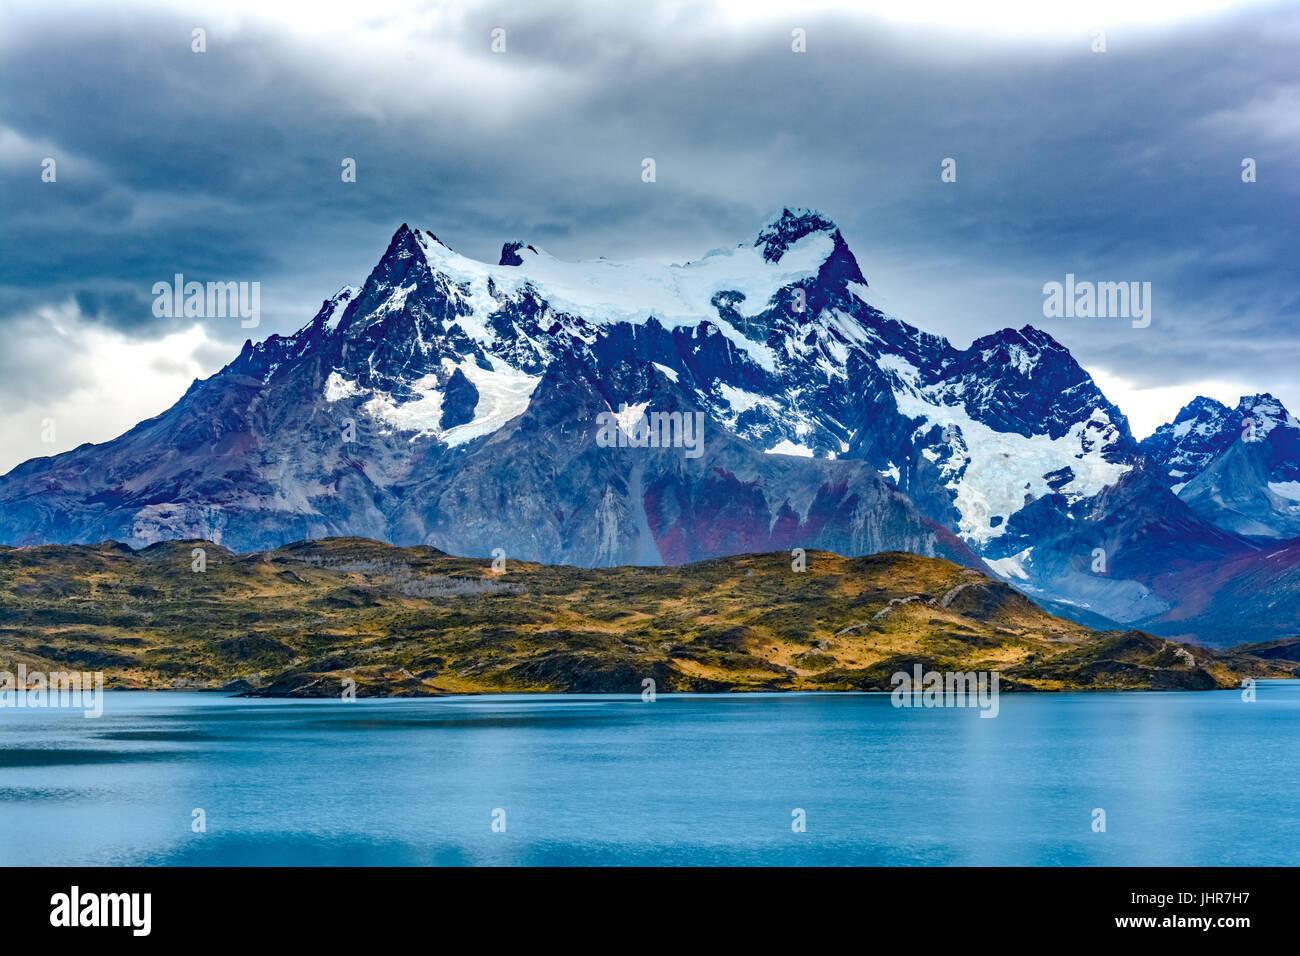 Torres del Paine über den Pehoe See, Patagonien, Chile - Südlichen Patagonischen Eisfeld, magellanes Region Stockbild